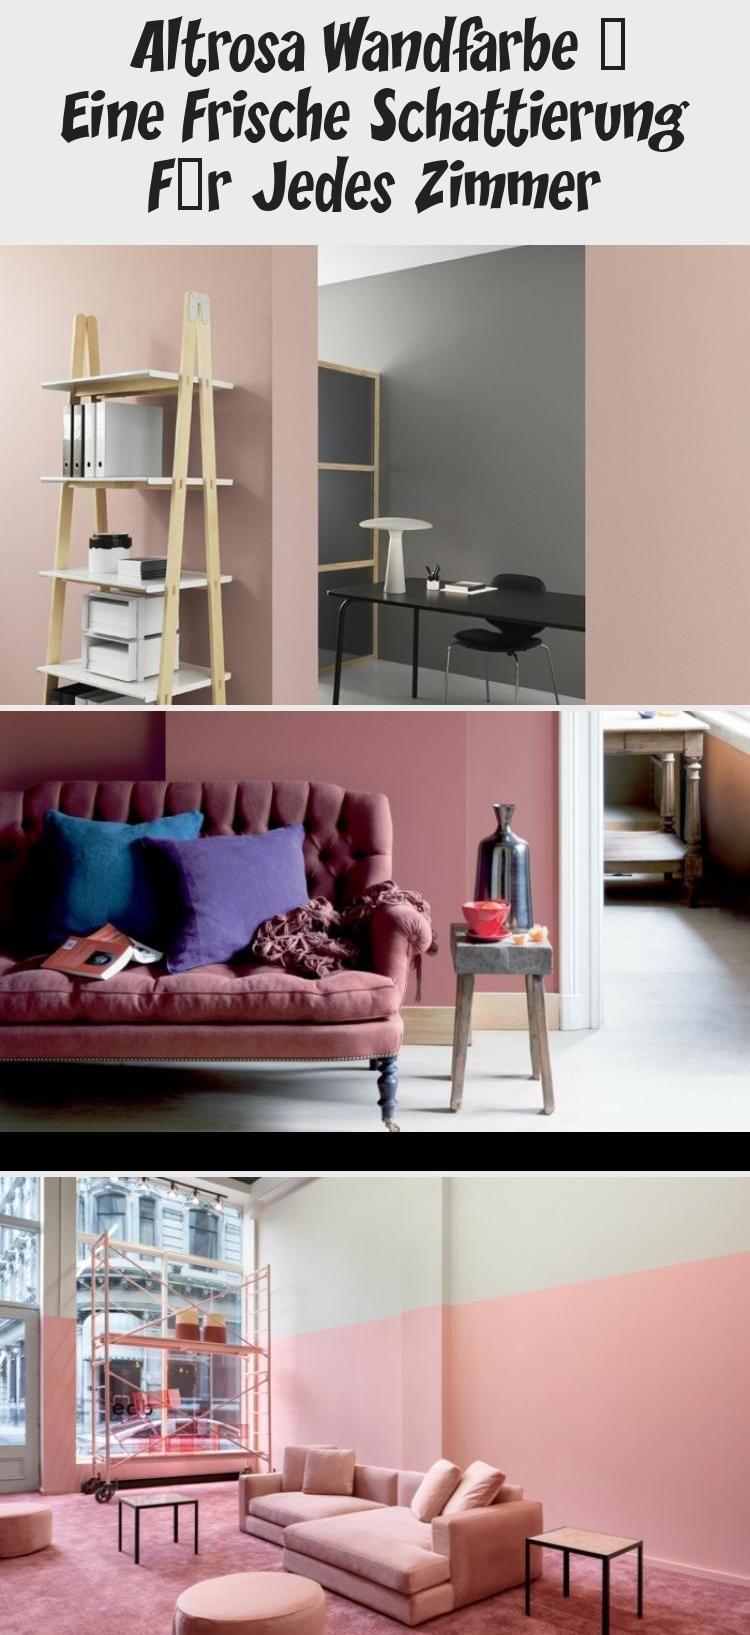 Altrosa Wandfarbe Eine Frische Schattierung Fur Jedes Zimmer In 2020 Shoe Rack Home